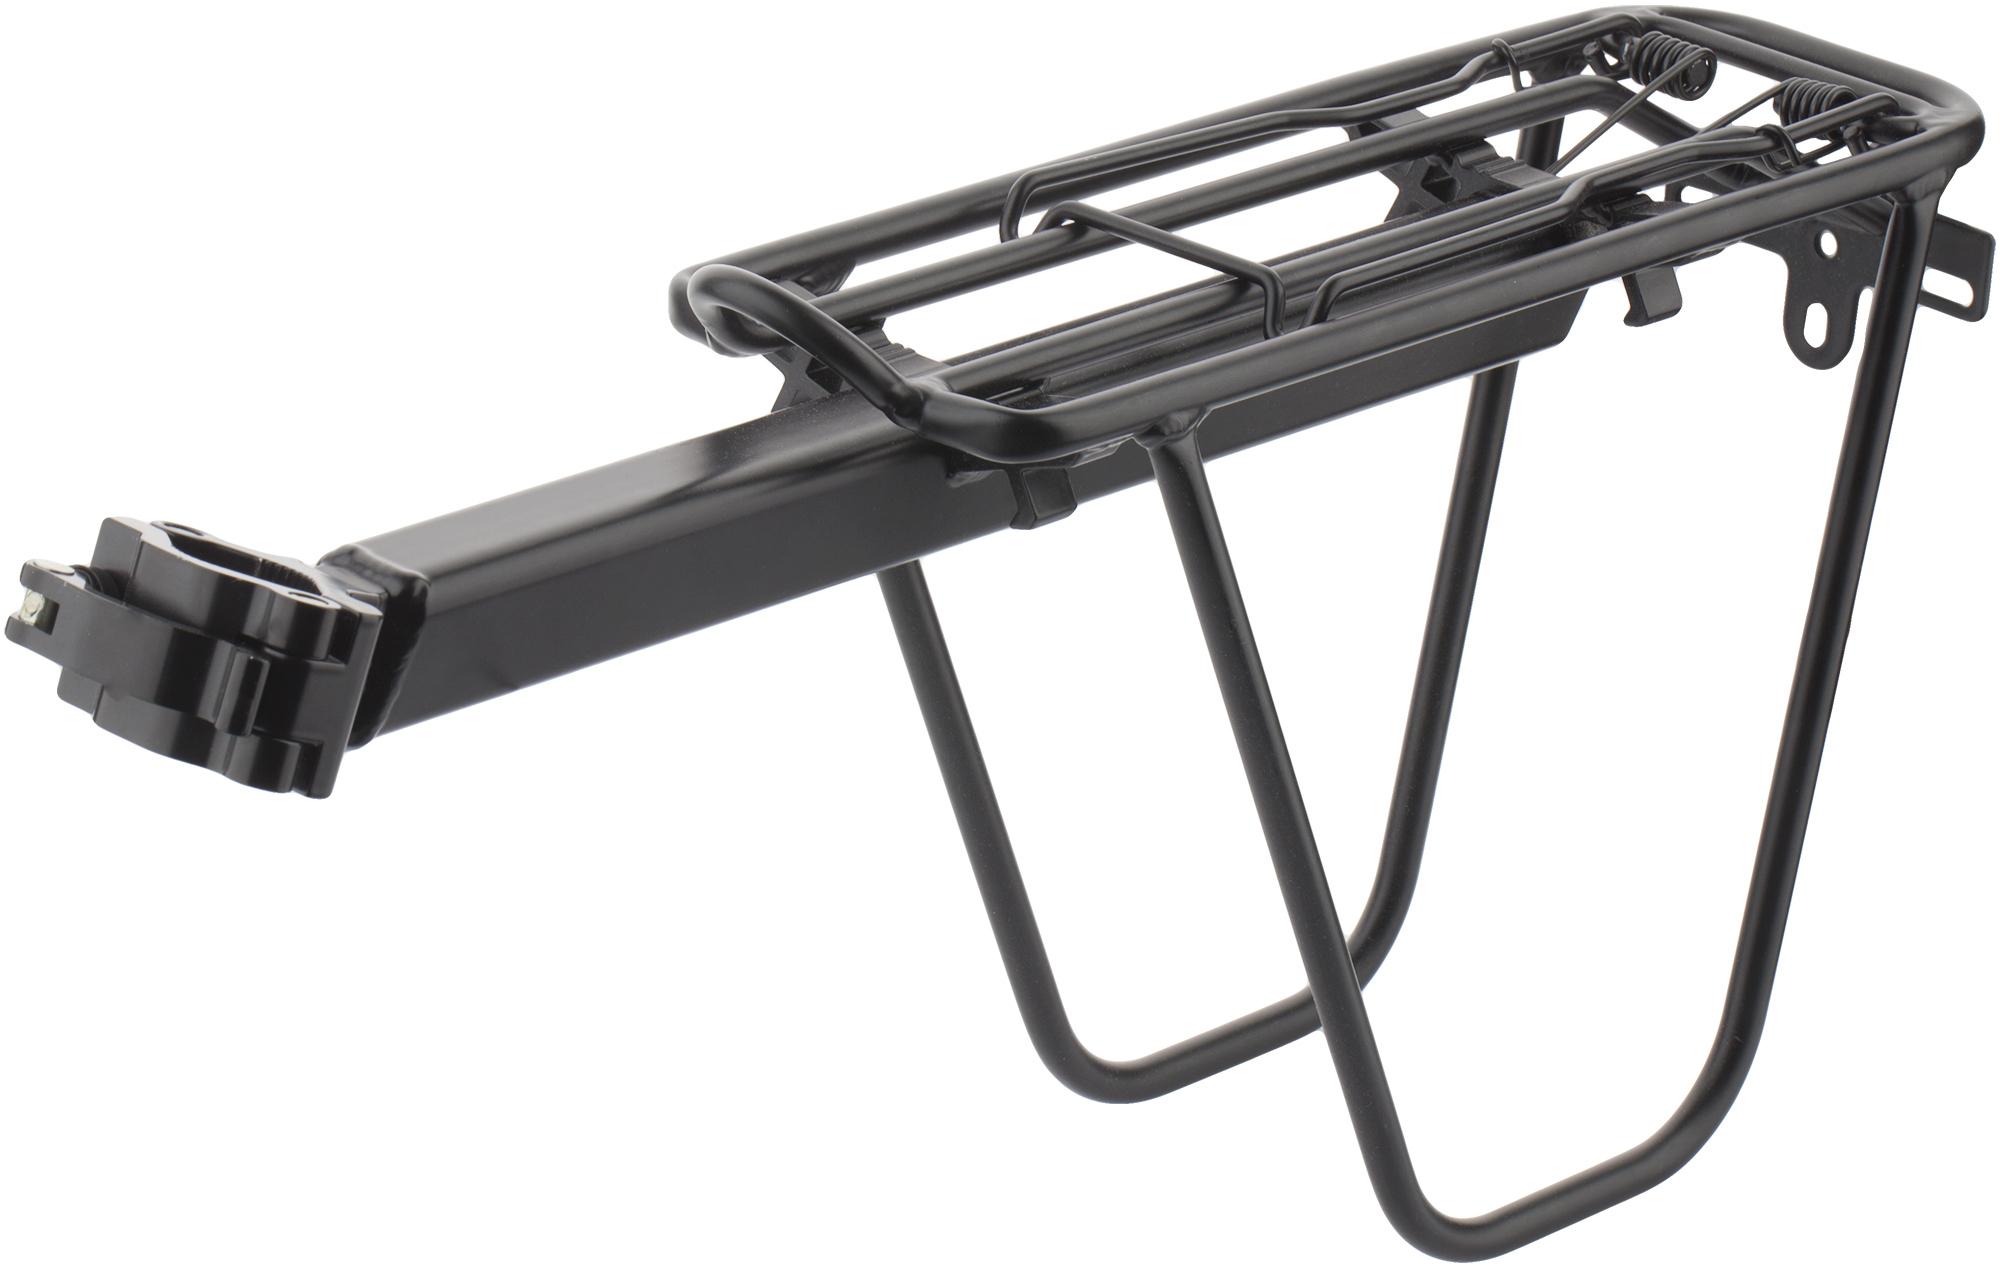 Stern Багажник Stern багажник велосипедный задний zefal raider universal